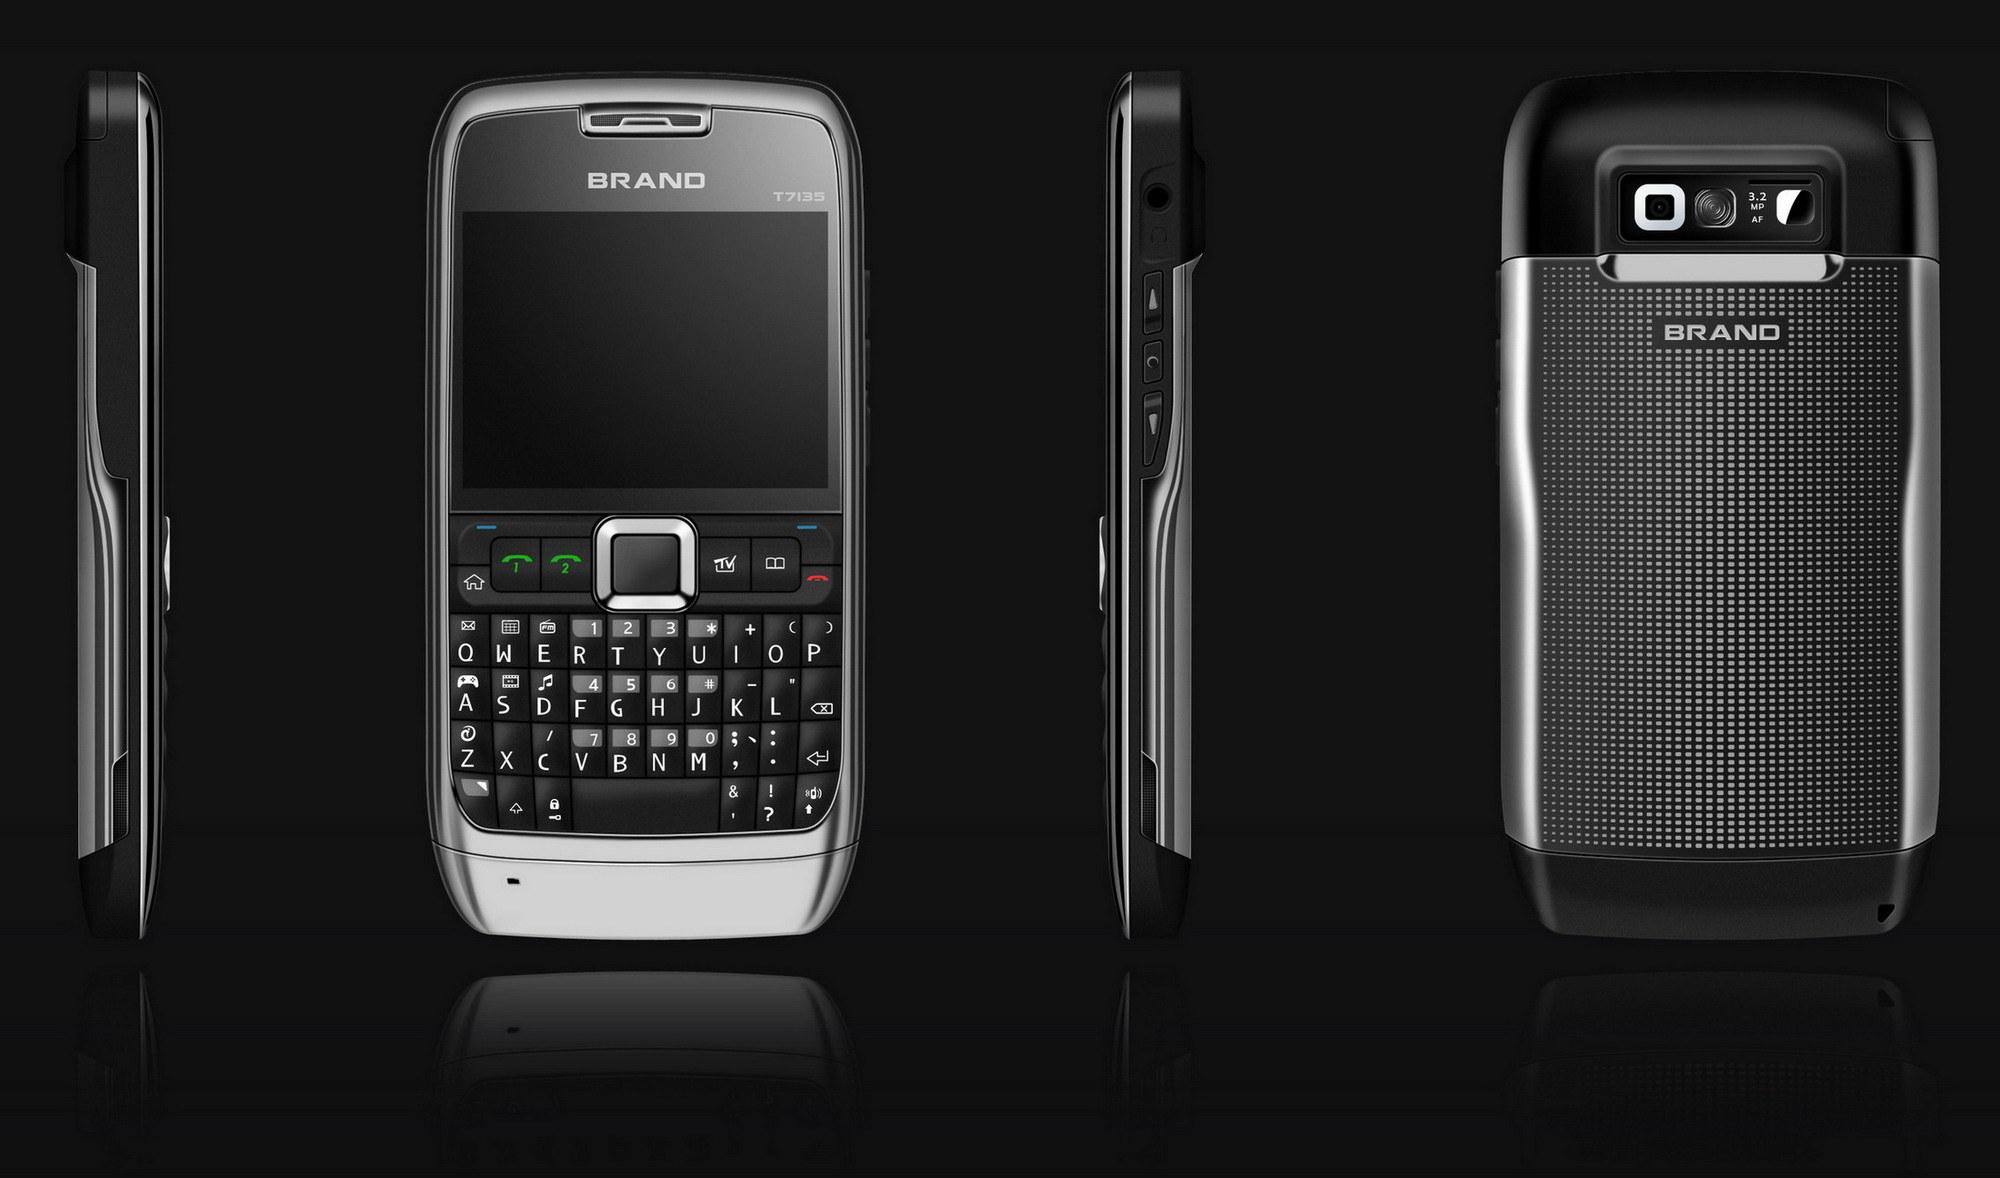 WiFi Java TV Quad Band mobiele telefoon (E71 mobiele telefoon)